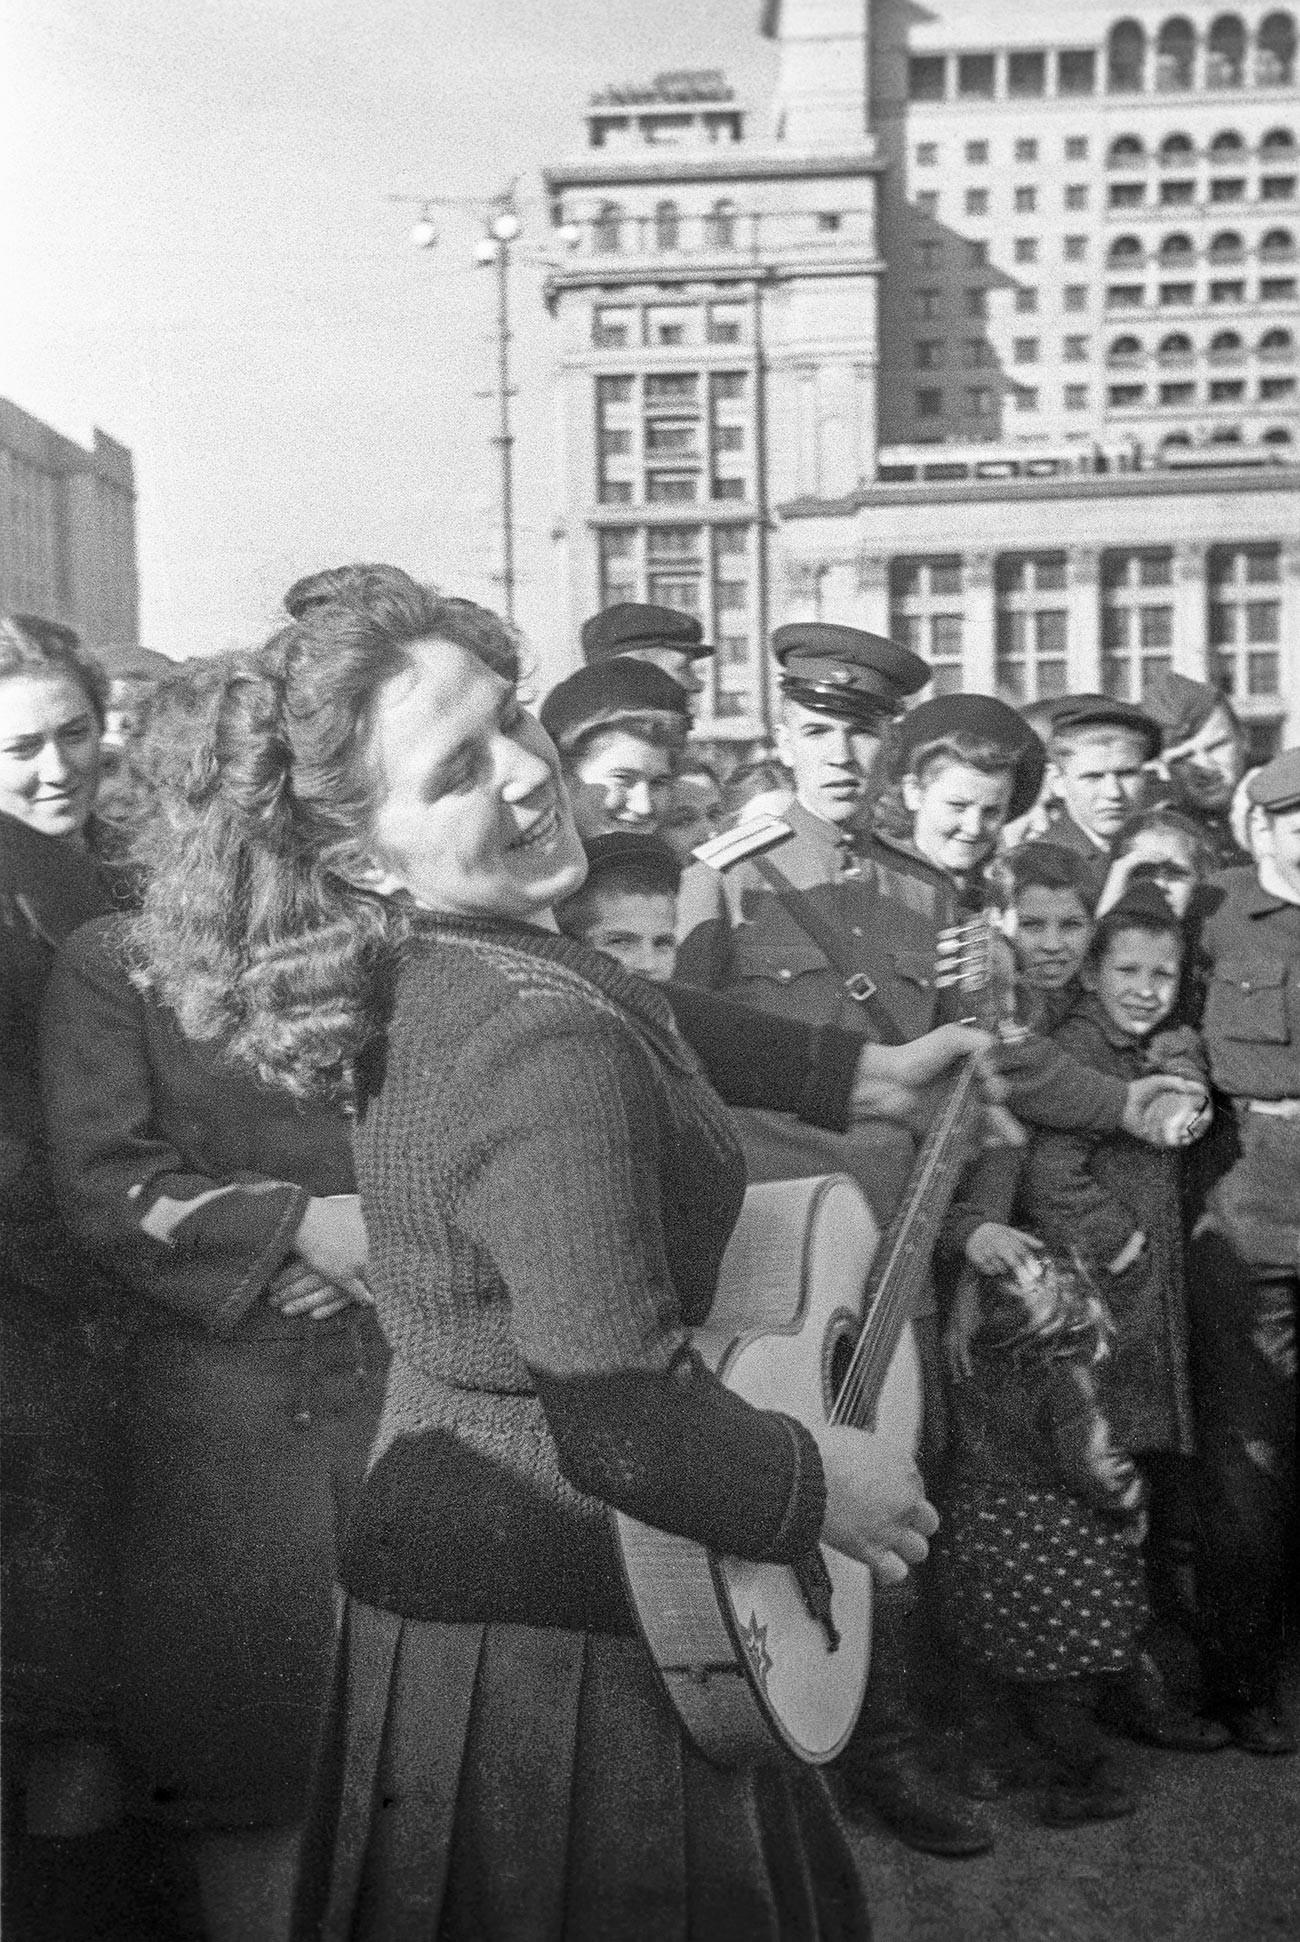 Moscou, 9 de maio de 1945. Celebração da vitória na Praça Manej.